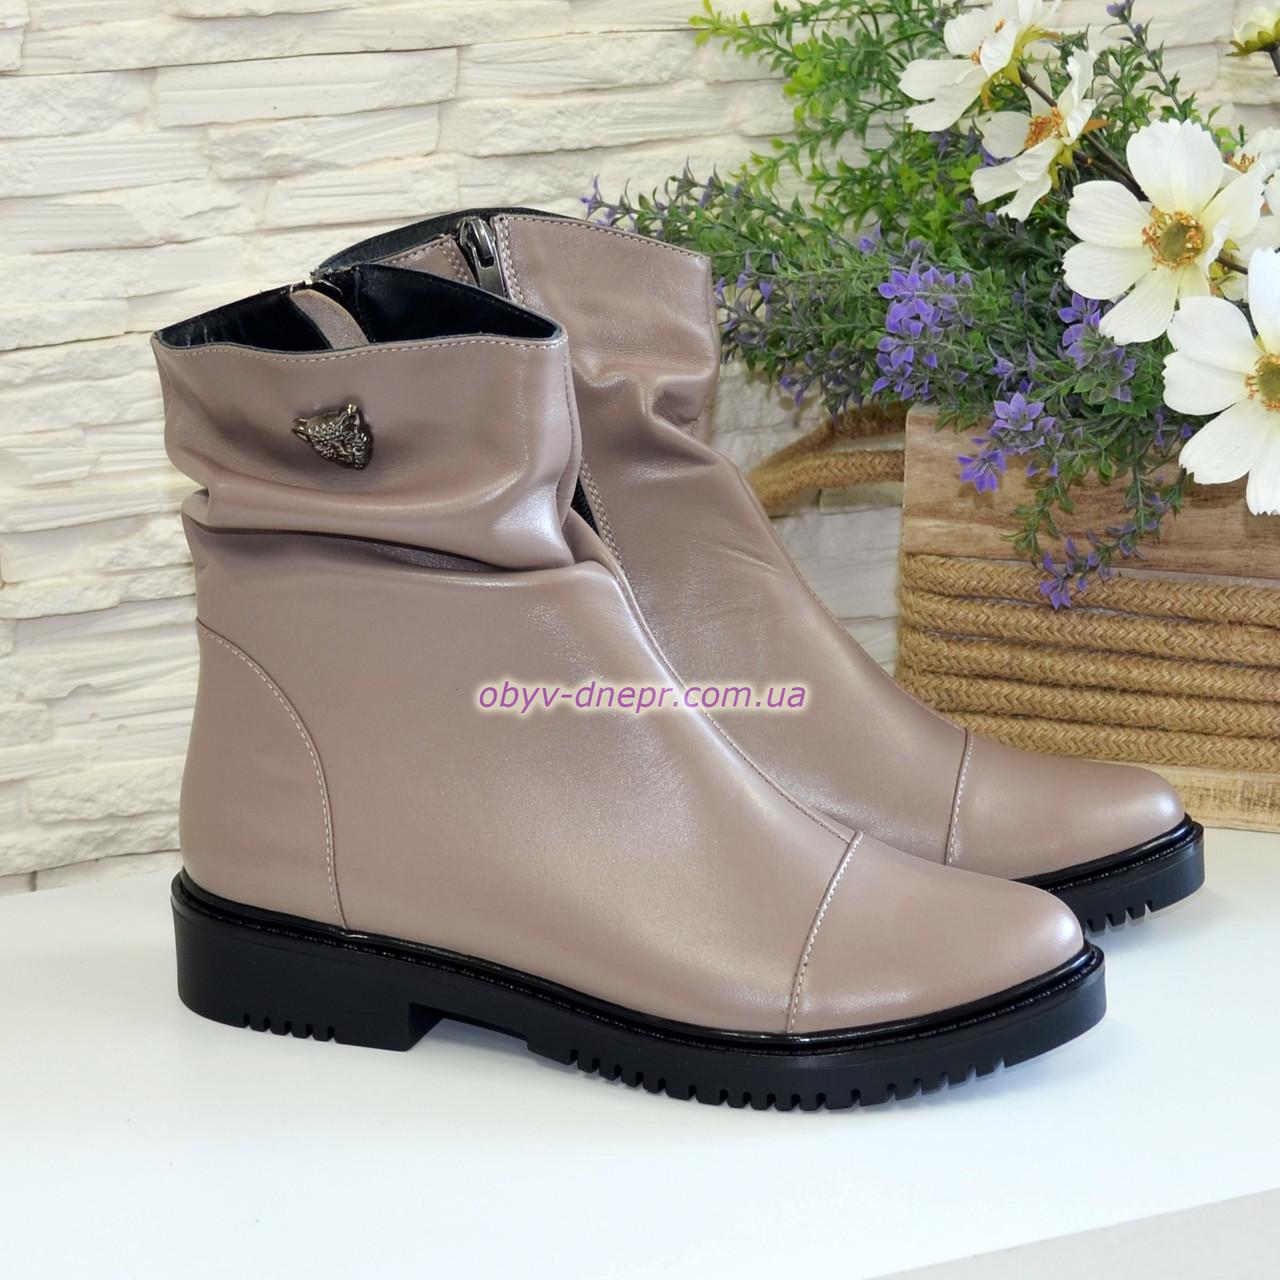 Ботинки женские кожаные зимние, цвет визон